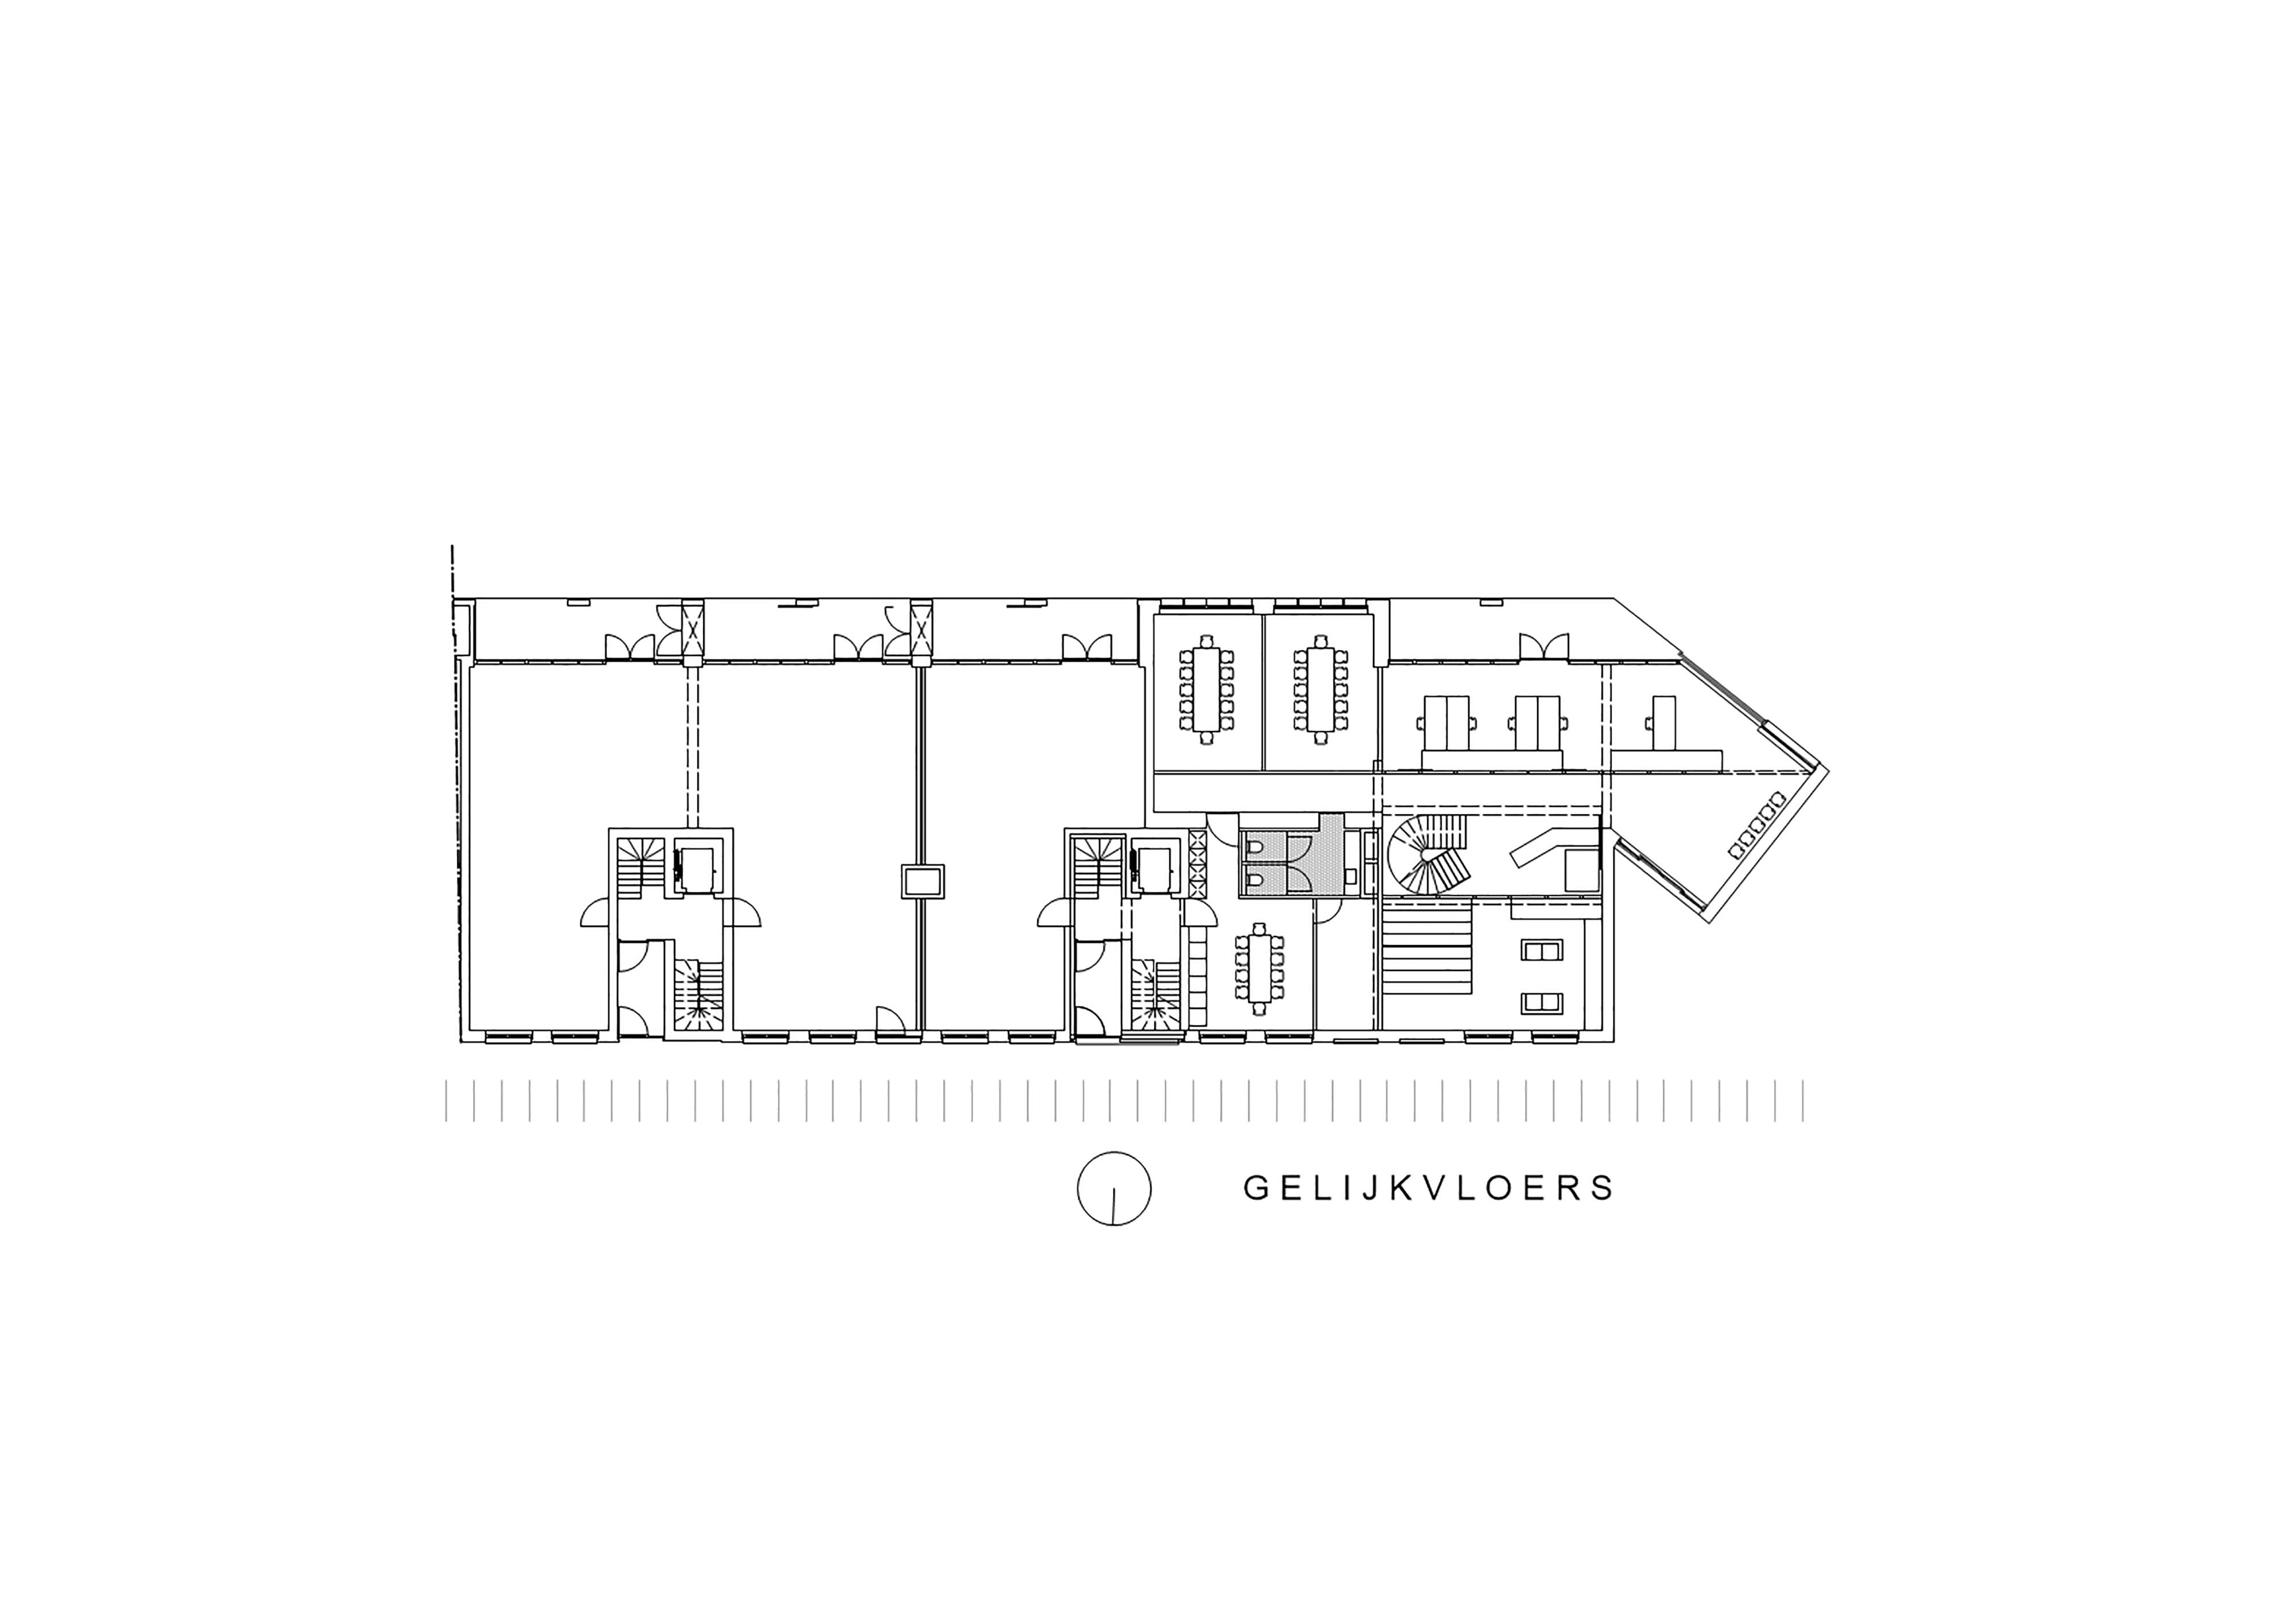 gelijkvloers appartementen